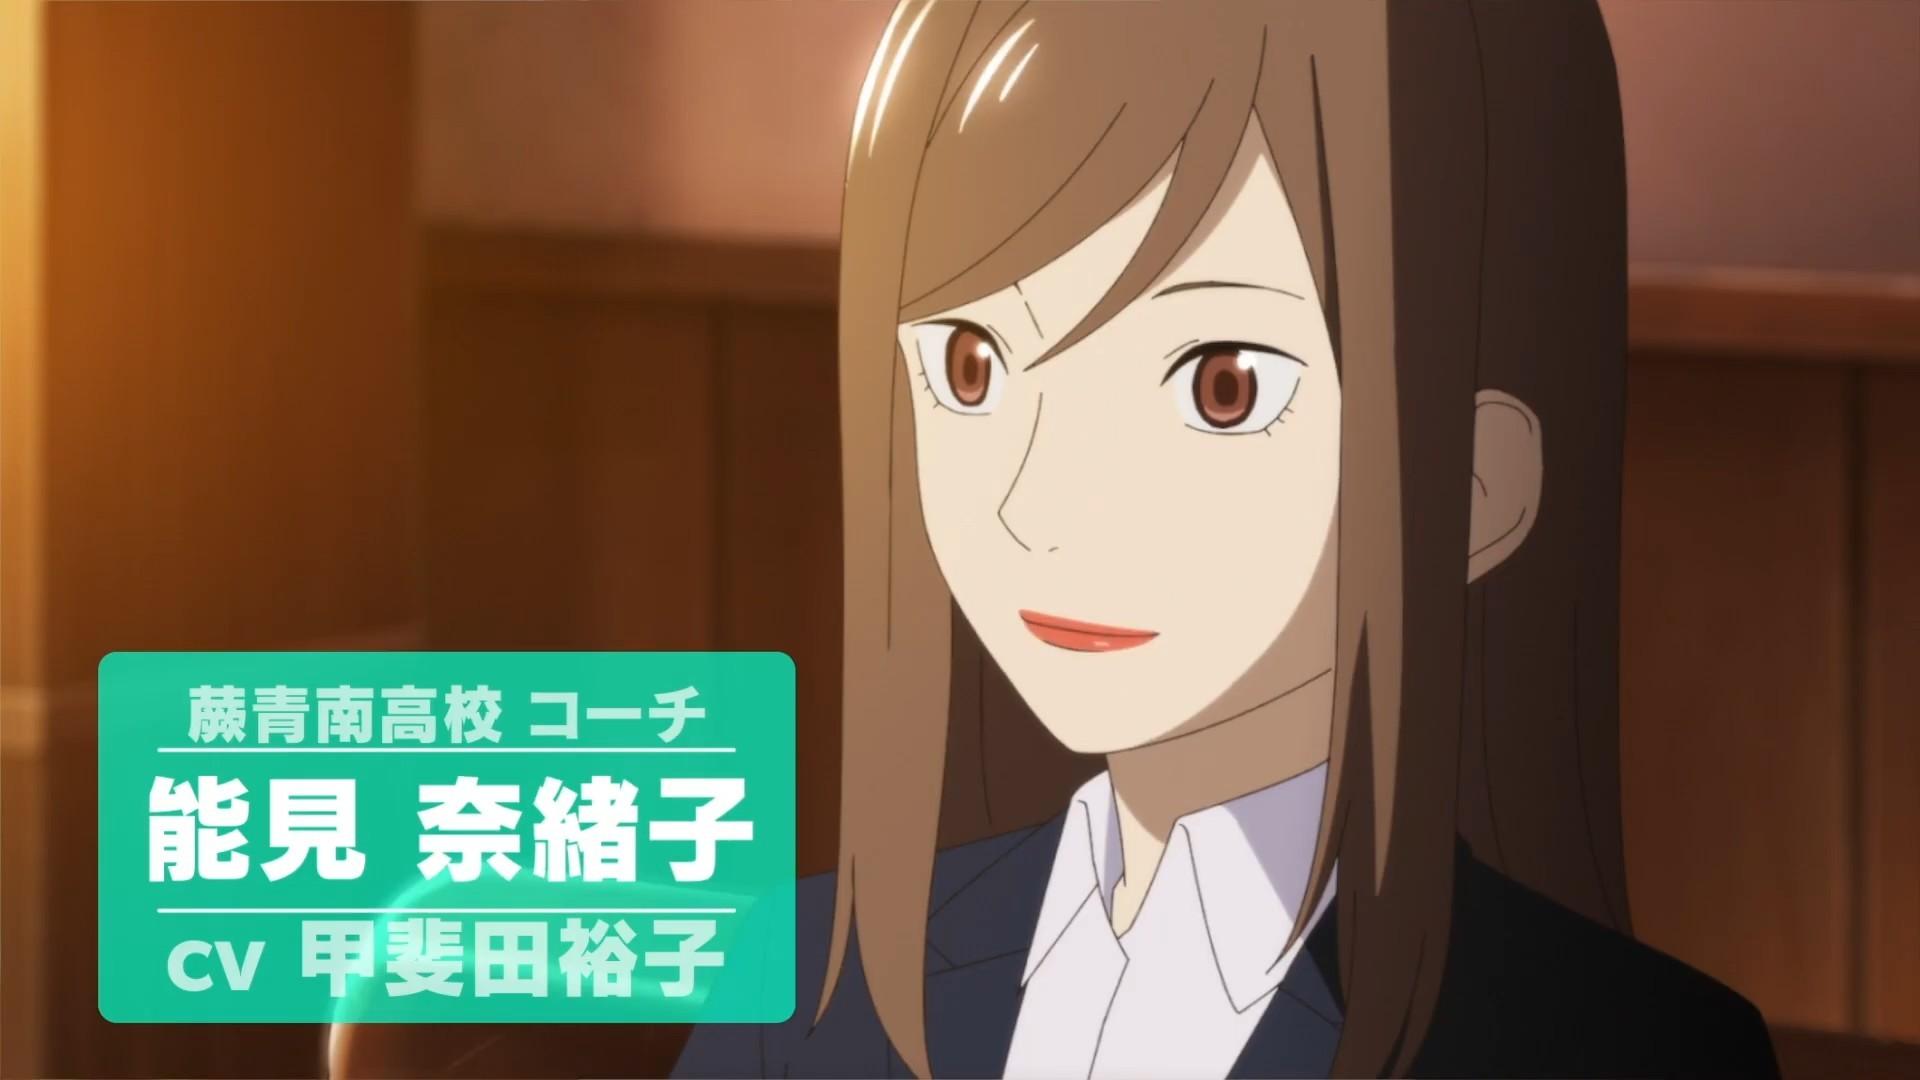 TV动画《再见了我的克拉默》主PV公开,4月4日开播- ACG17.COM